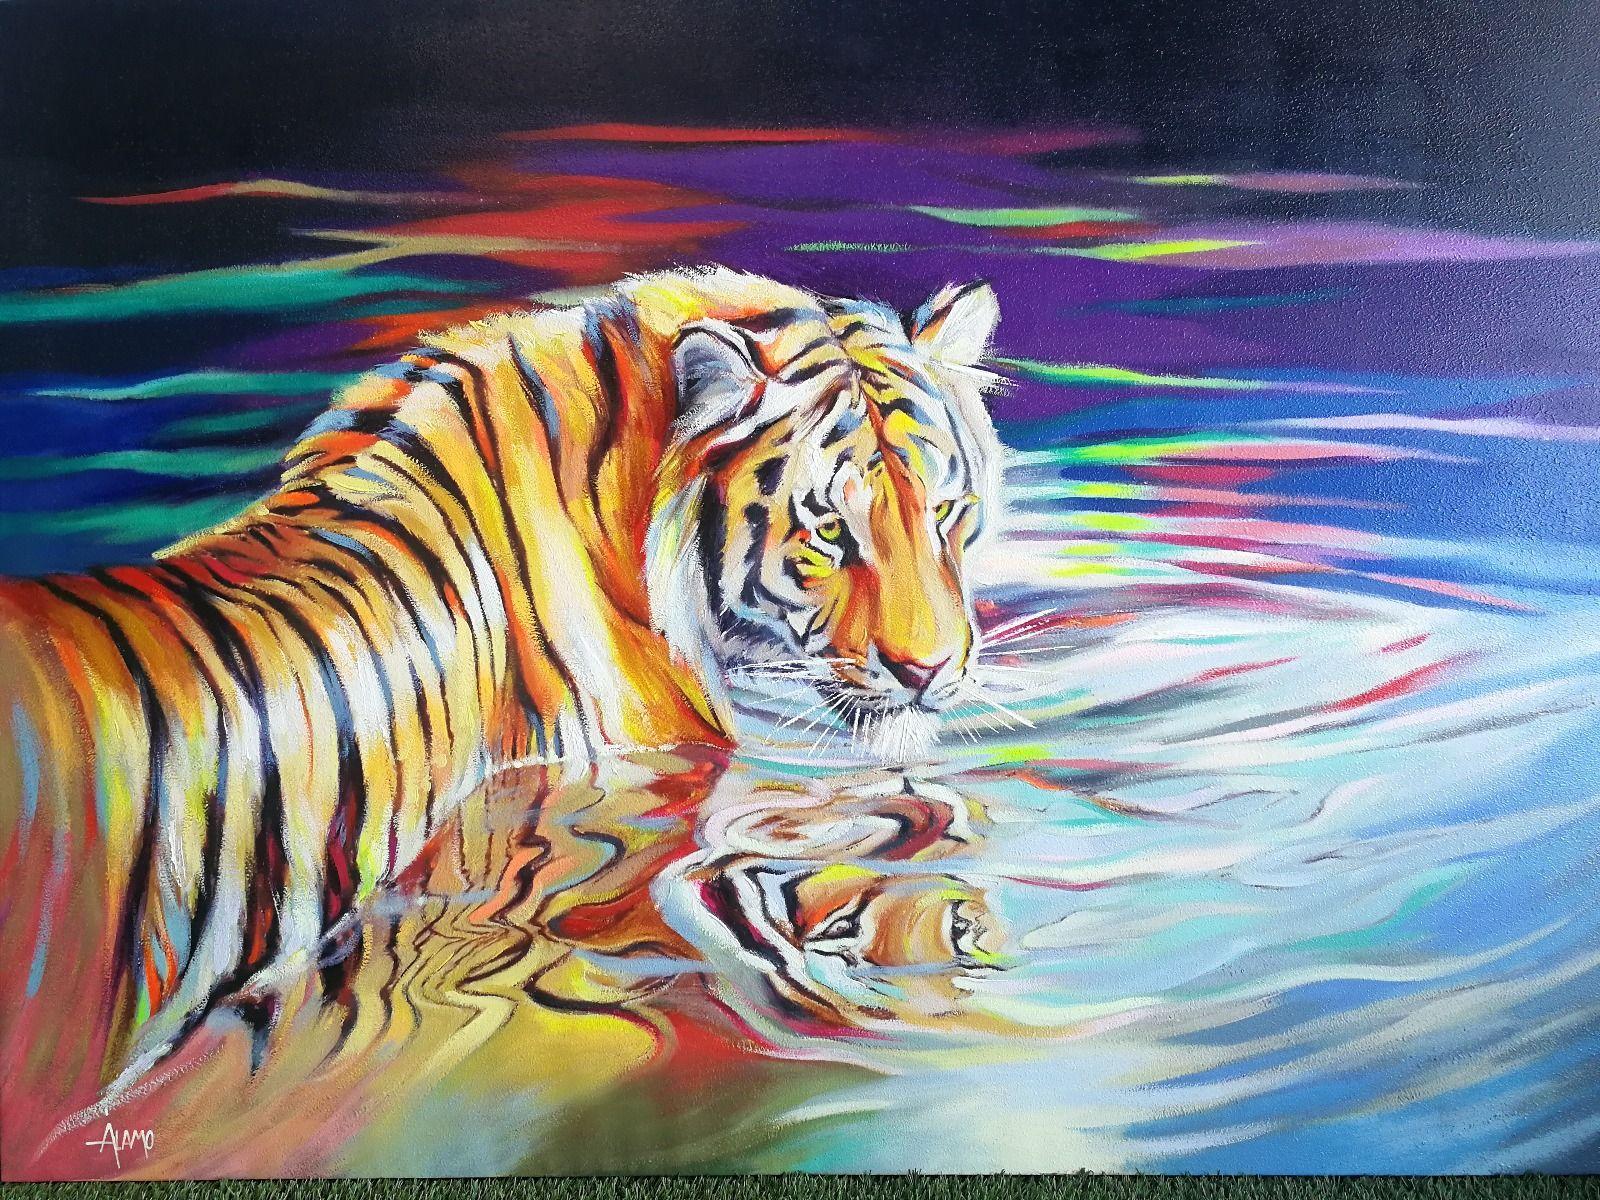 Serie ANIMALES | Cuadro reflejo del tigre (140 x 100 cm)